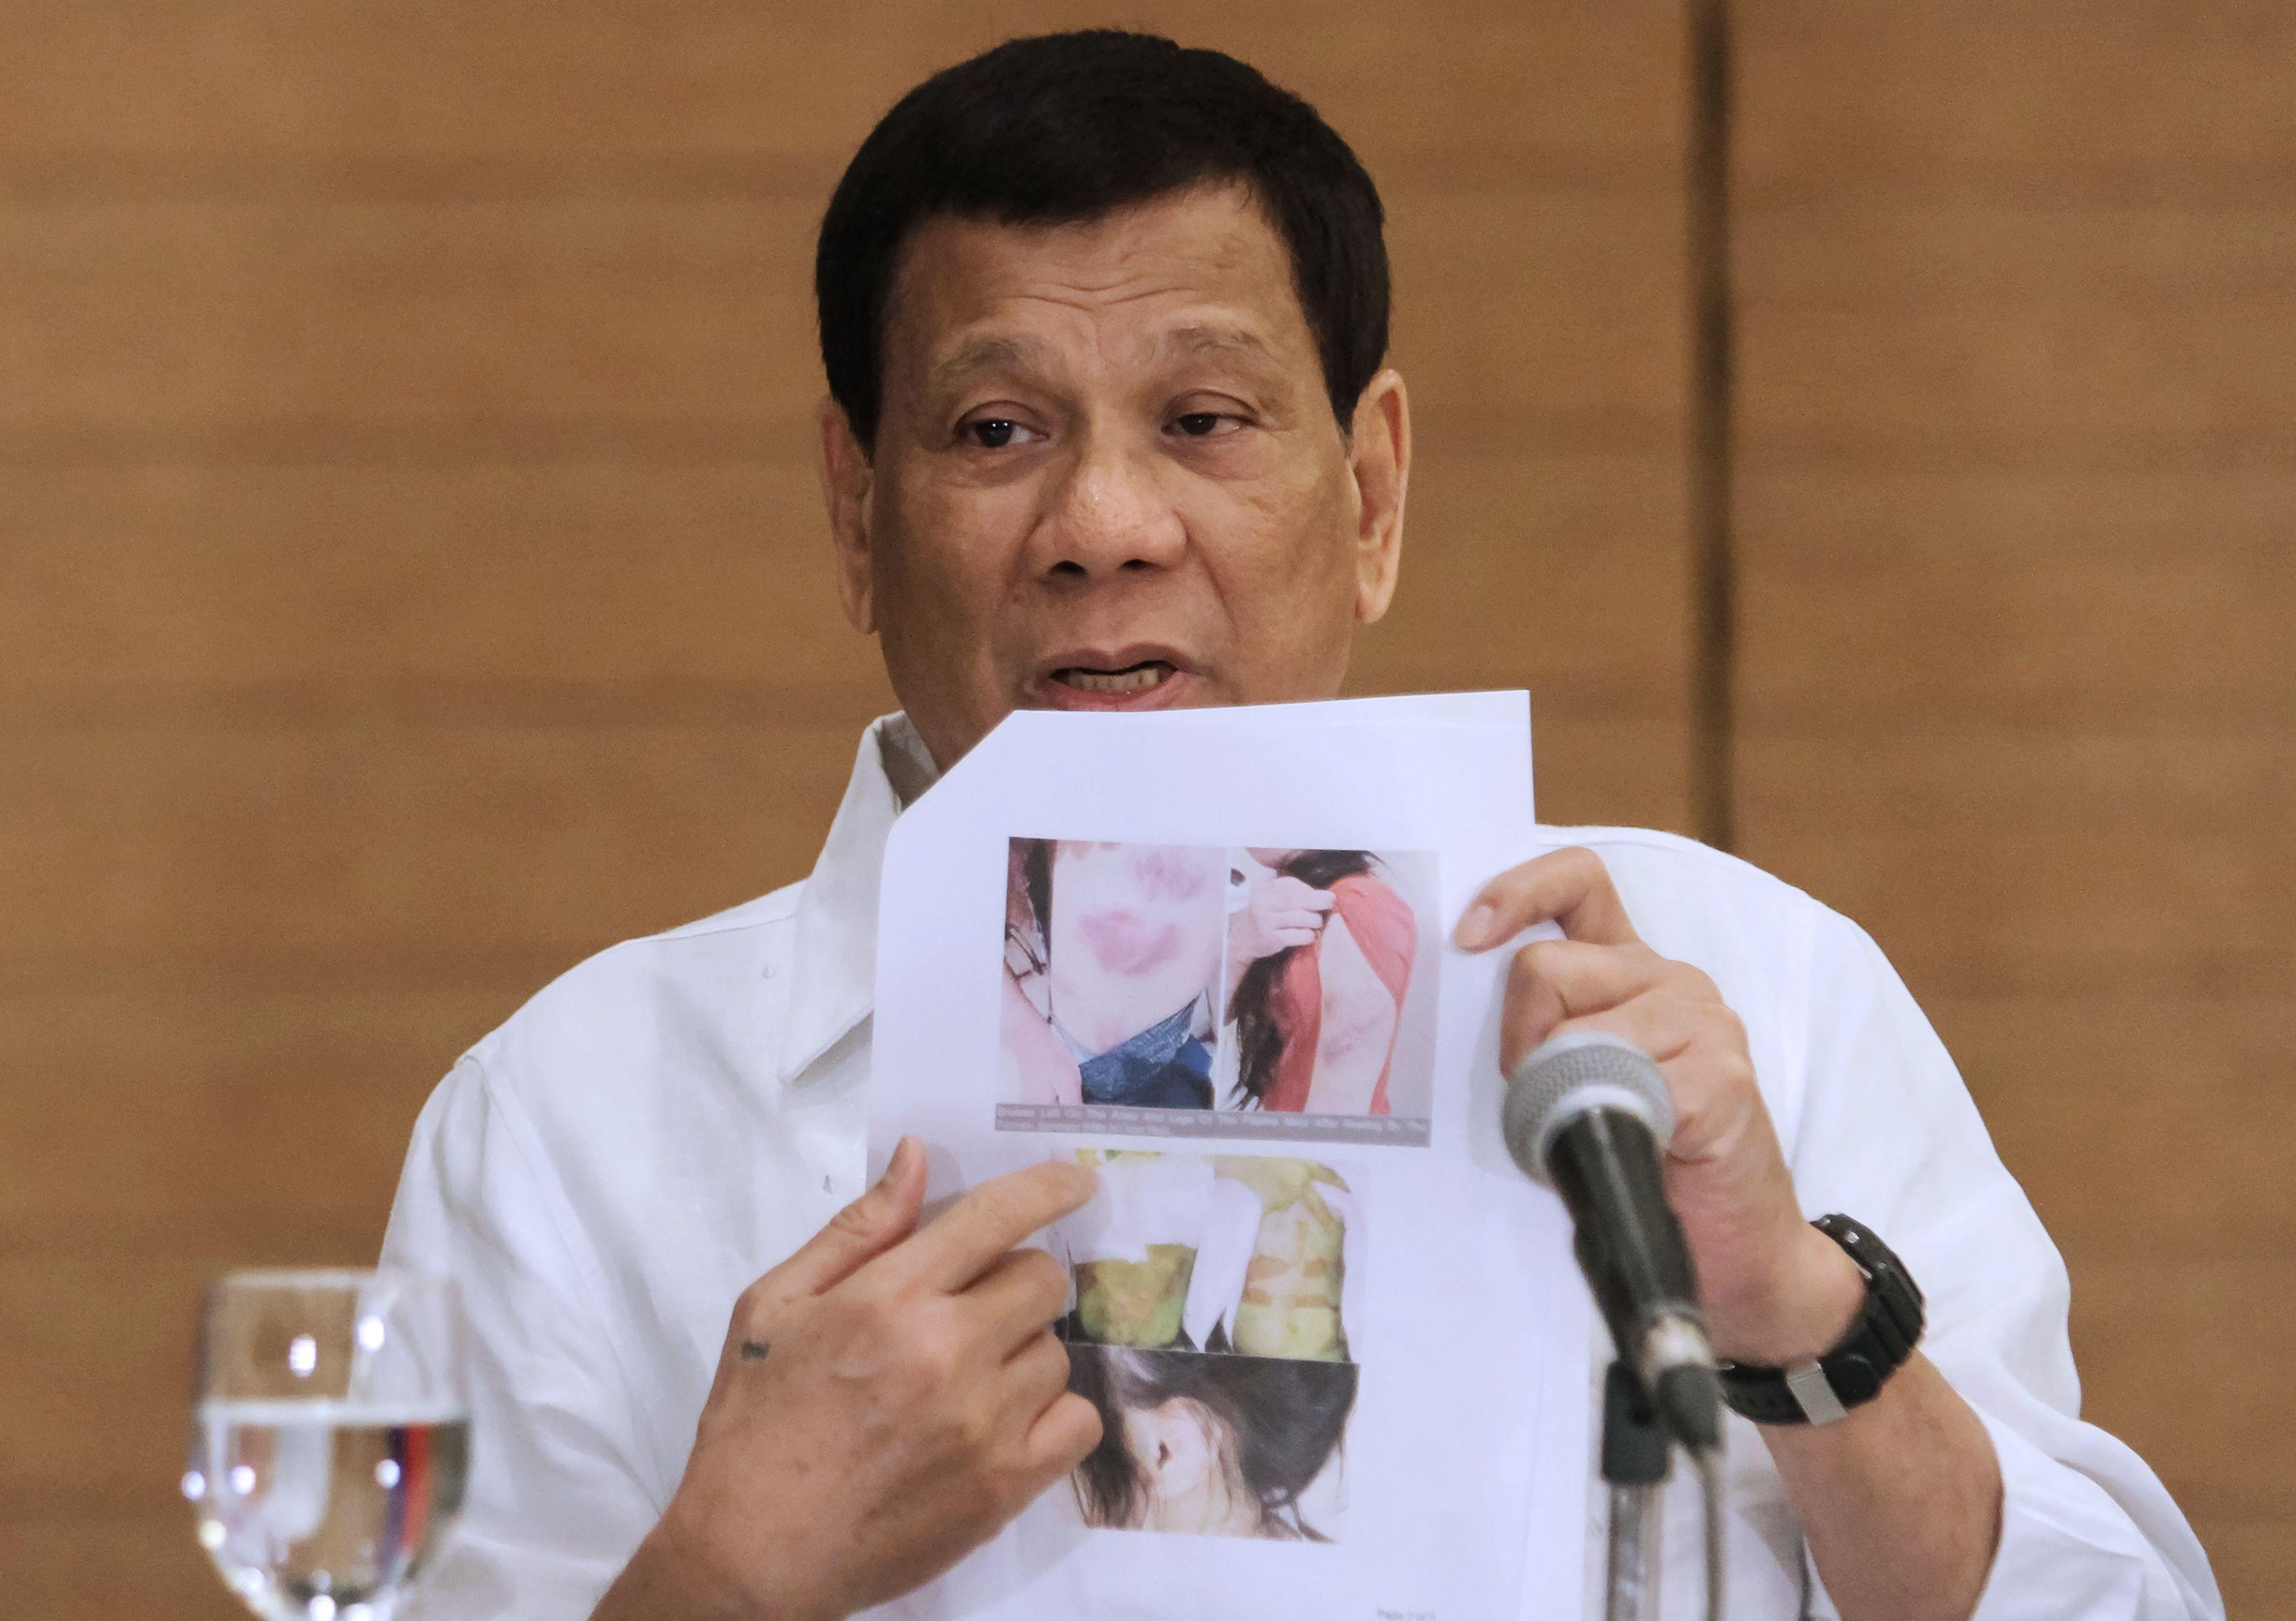 جانب من حديث الرئيس الفلبينى